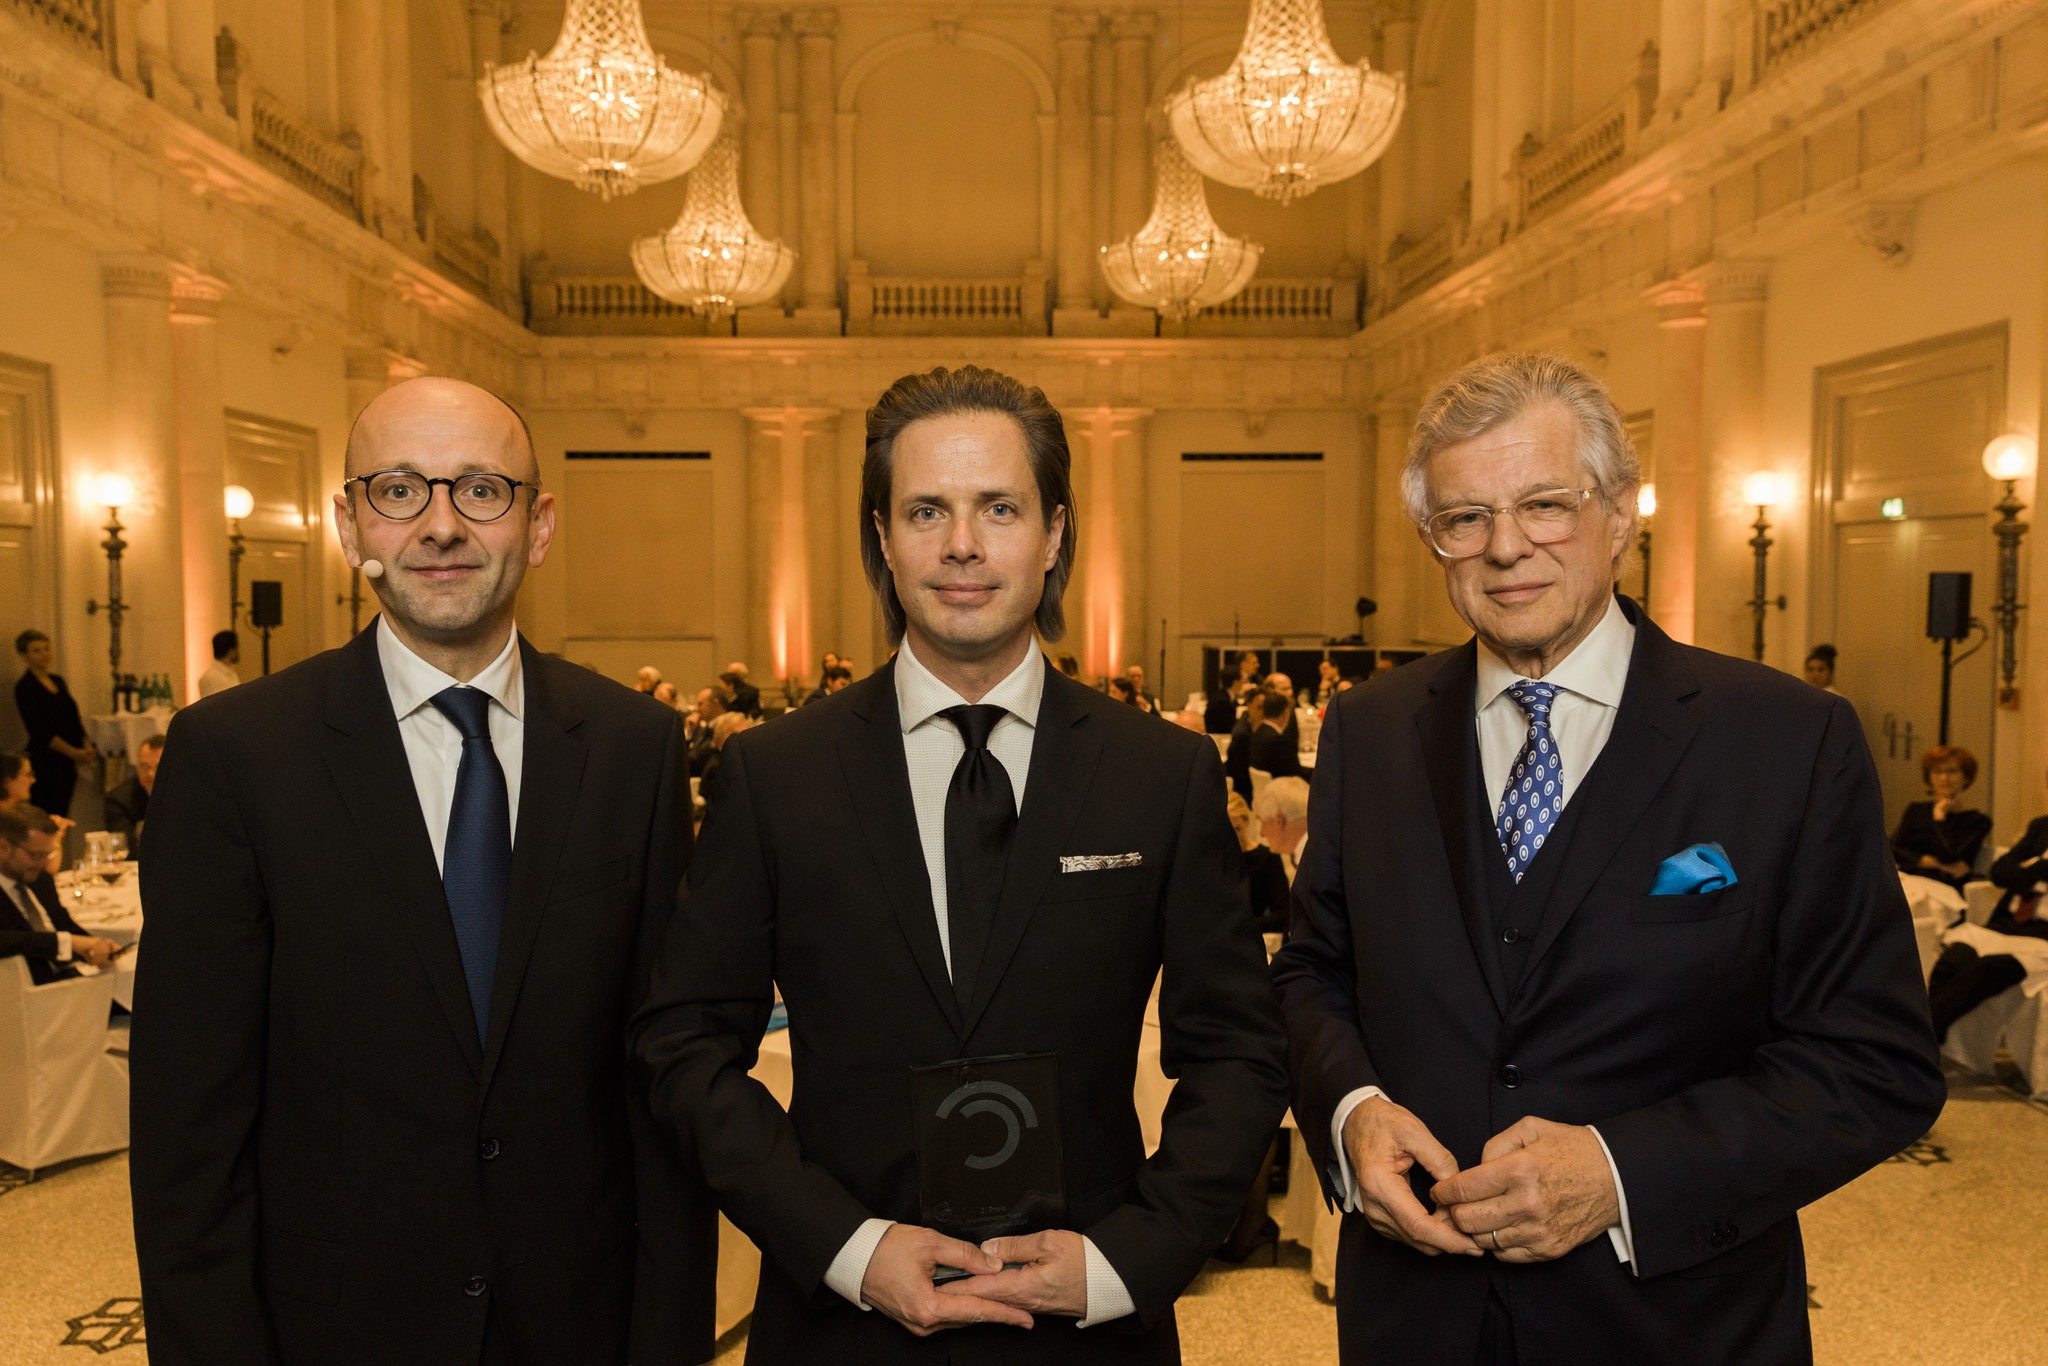 Von links: Lucas Flöther, Tilman Rauhut, 2. Platz Wissenschaftspreis, Bruno Kübler © 2018 Sven Döring